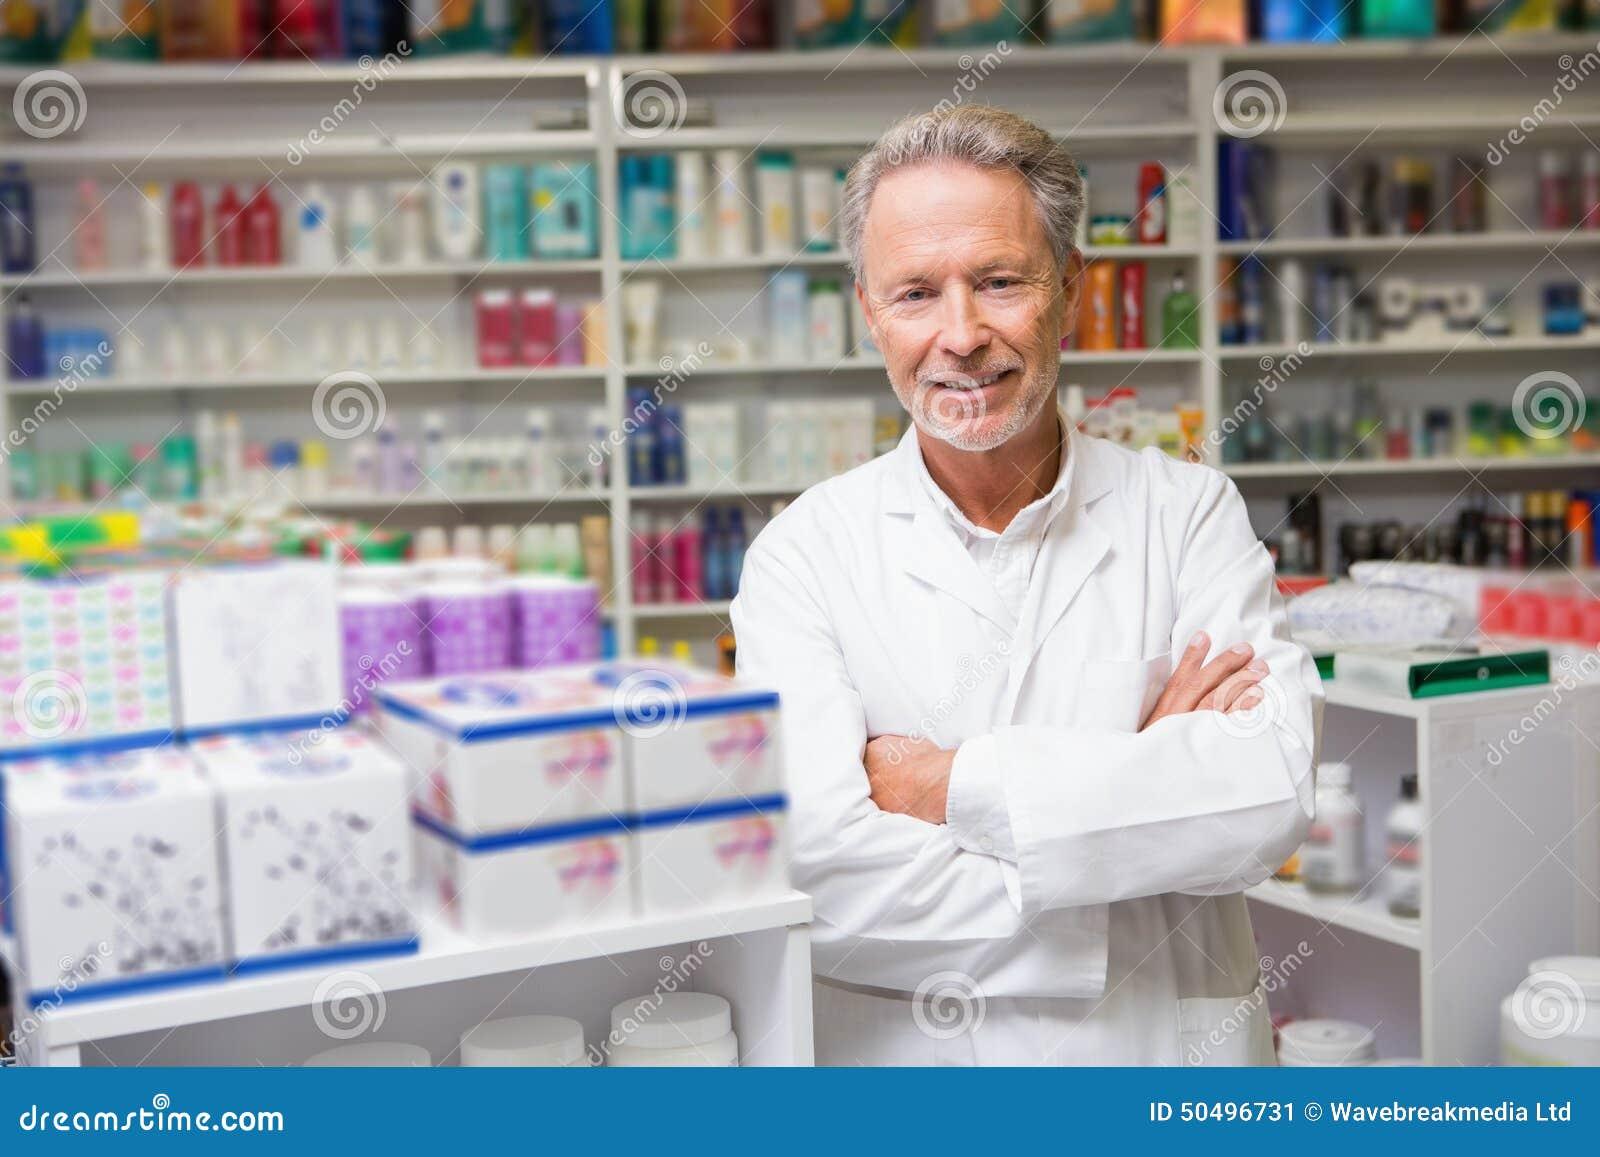 Älterer Apotheker, der an der Kamera lächelt